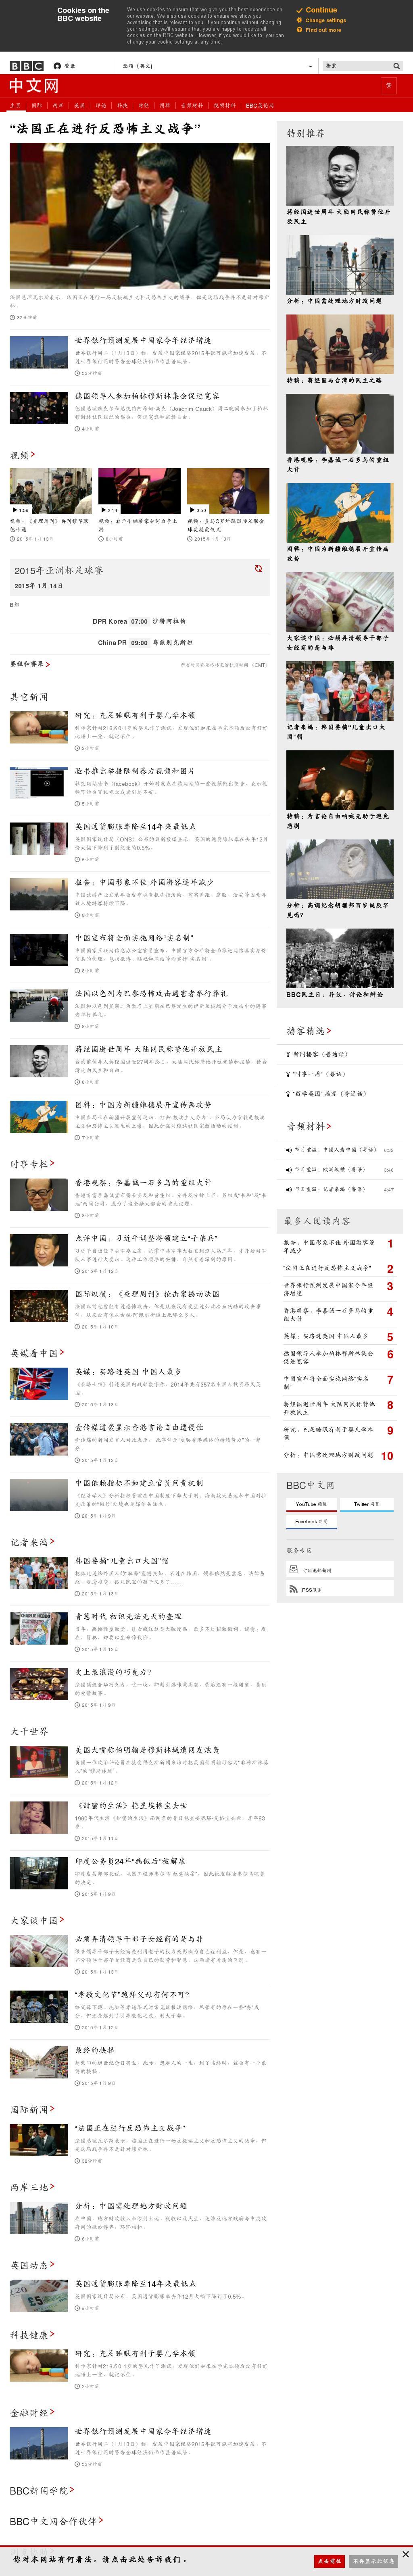 BBC (Chinese) at Tuesday Jan. 13, 2015, 11 p.m. UTC